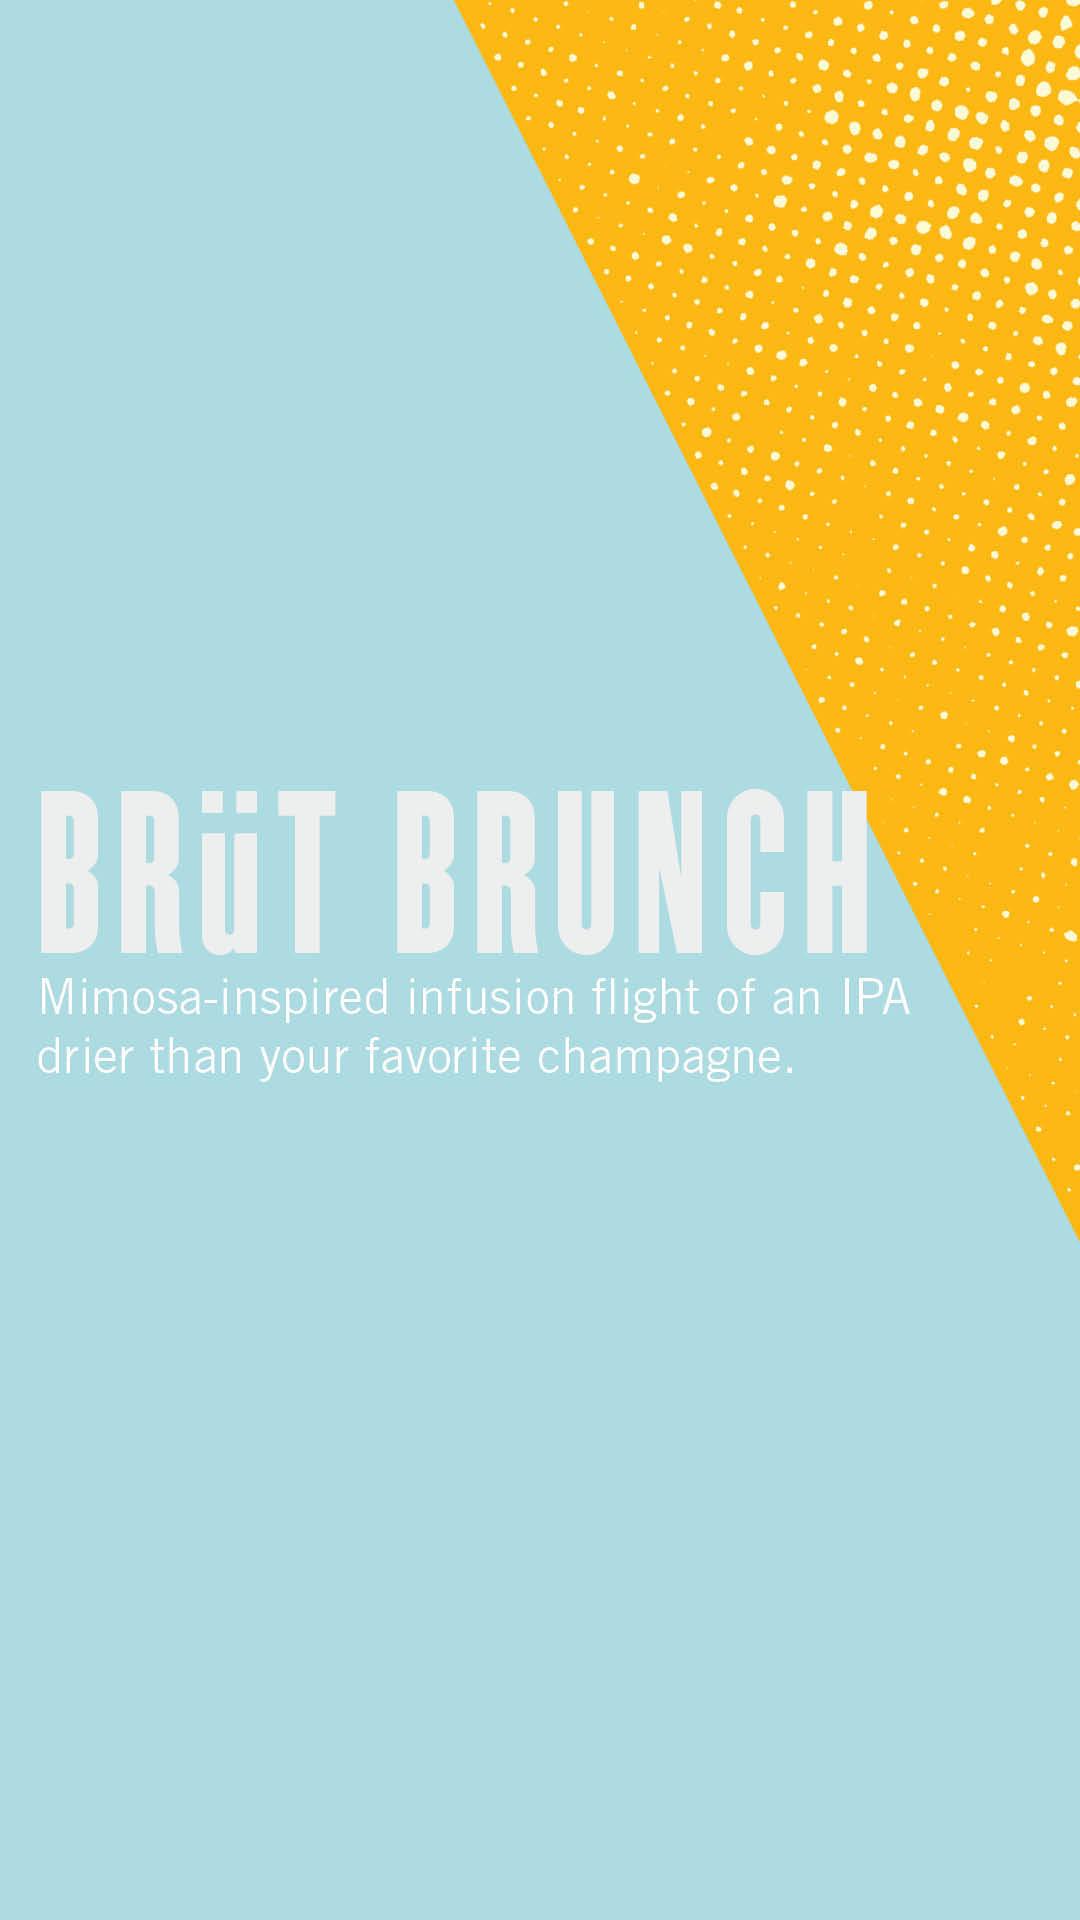 Brut Brunch insta 2.jpg